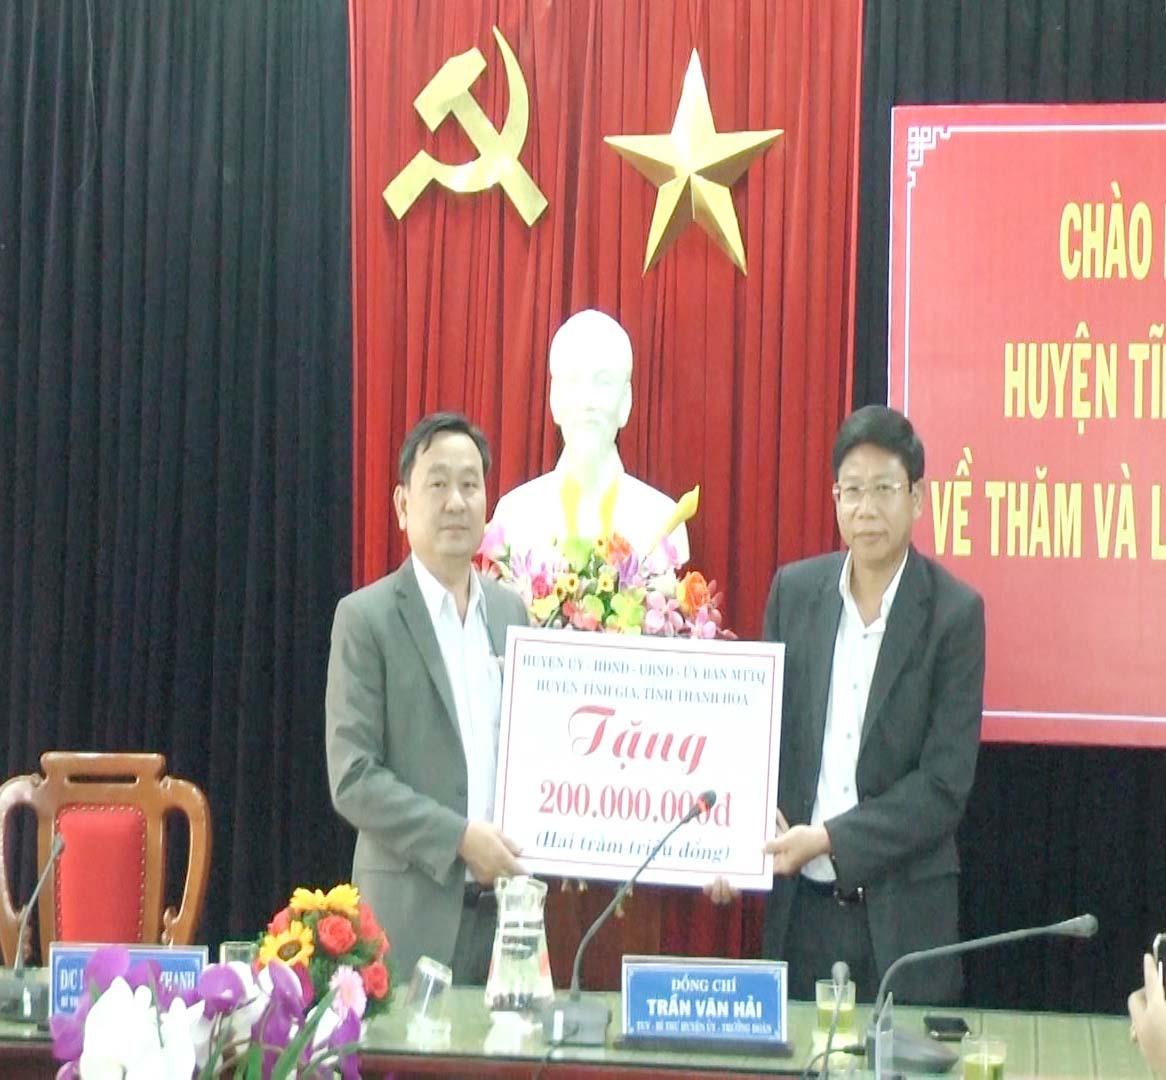 Lãnh đạo huyện Tĩnh Gia trao tặng huyện Đại Lộc 200 triệu đồng để hỗ trợ xây dựng nhà cho các gia đình chính sách trên địa bàn huyện. Ảnh: SỸ THÀNH